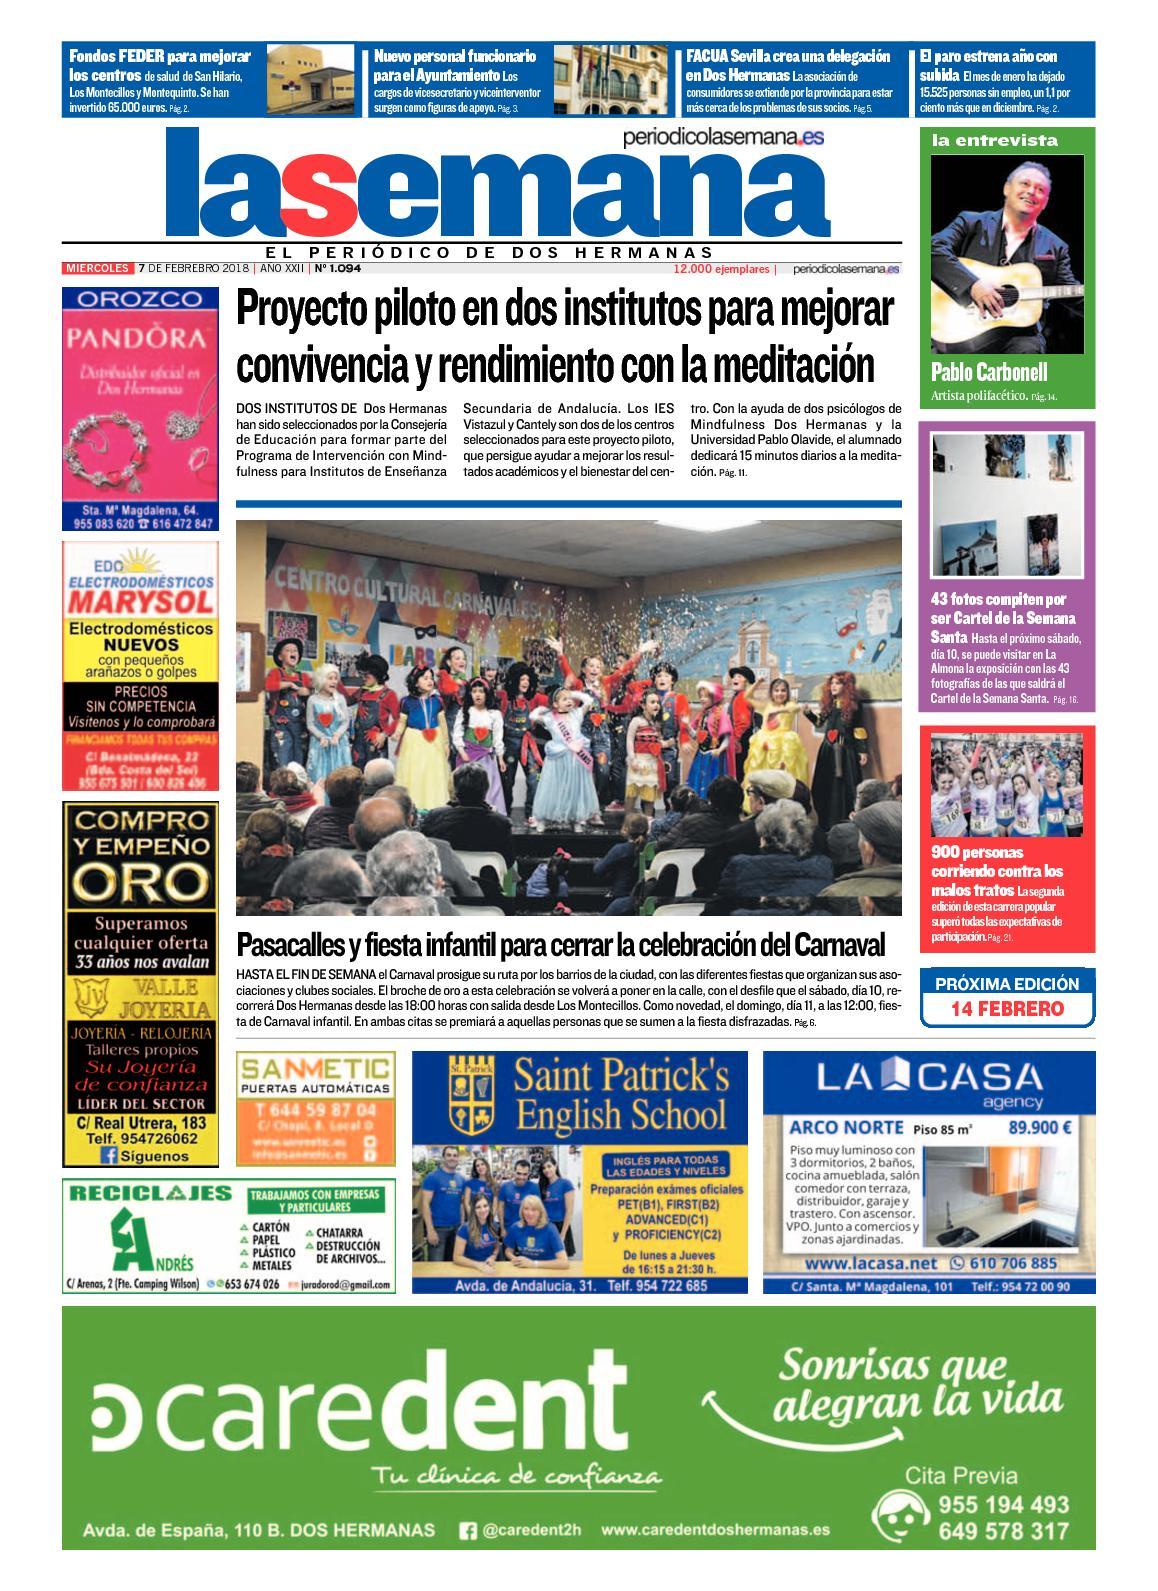 Calaméo - Periodico La Semana 1094 4673594152114